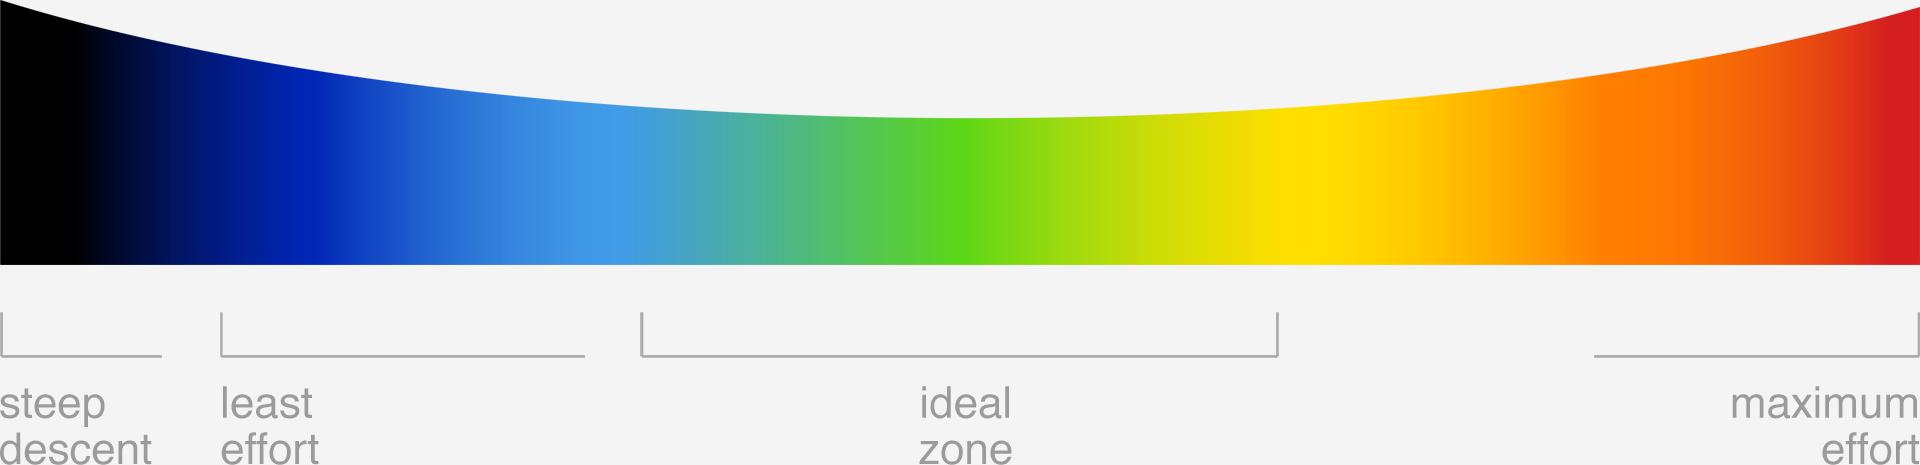 Effort spectrum